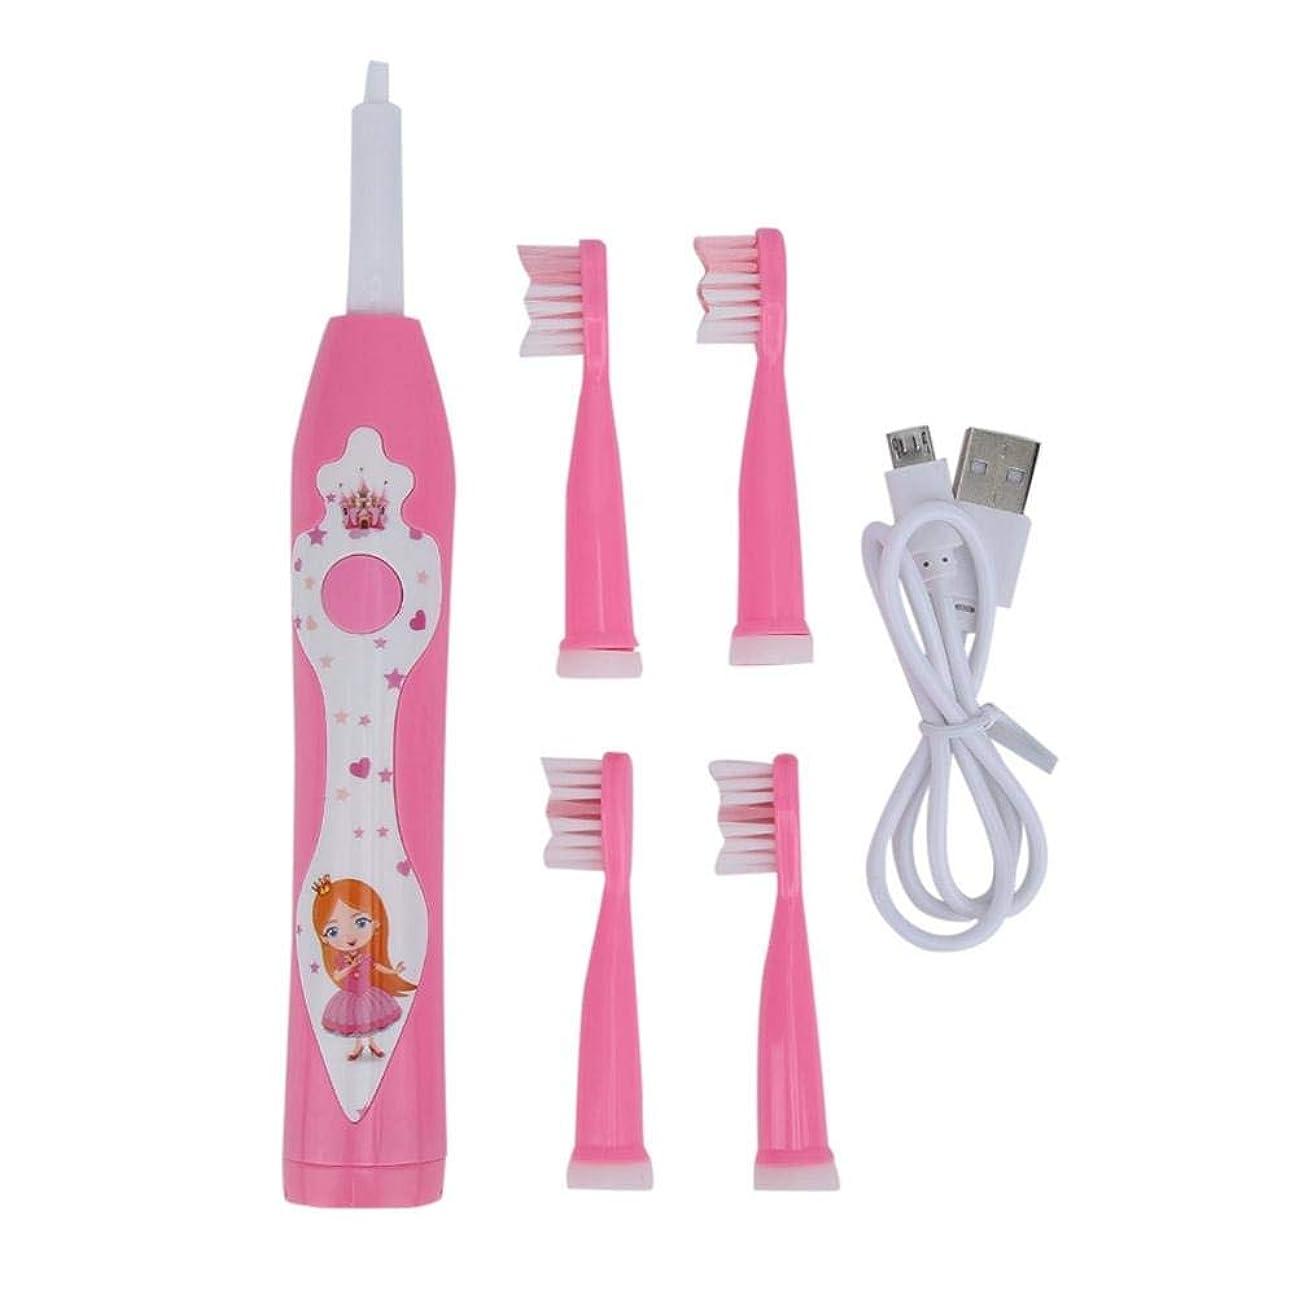 変形するきょうだいジュラシックパーク大人の電動歯ブラシ、歯ブラシの自動タイマーおよび精密きれいなブラシの頭部との深いクリーニング口腔衛生管理のための最も長い(ピンク)